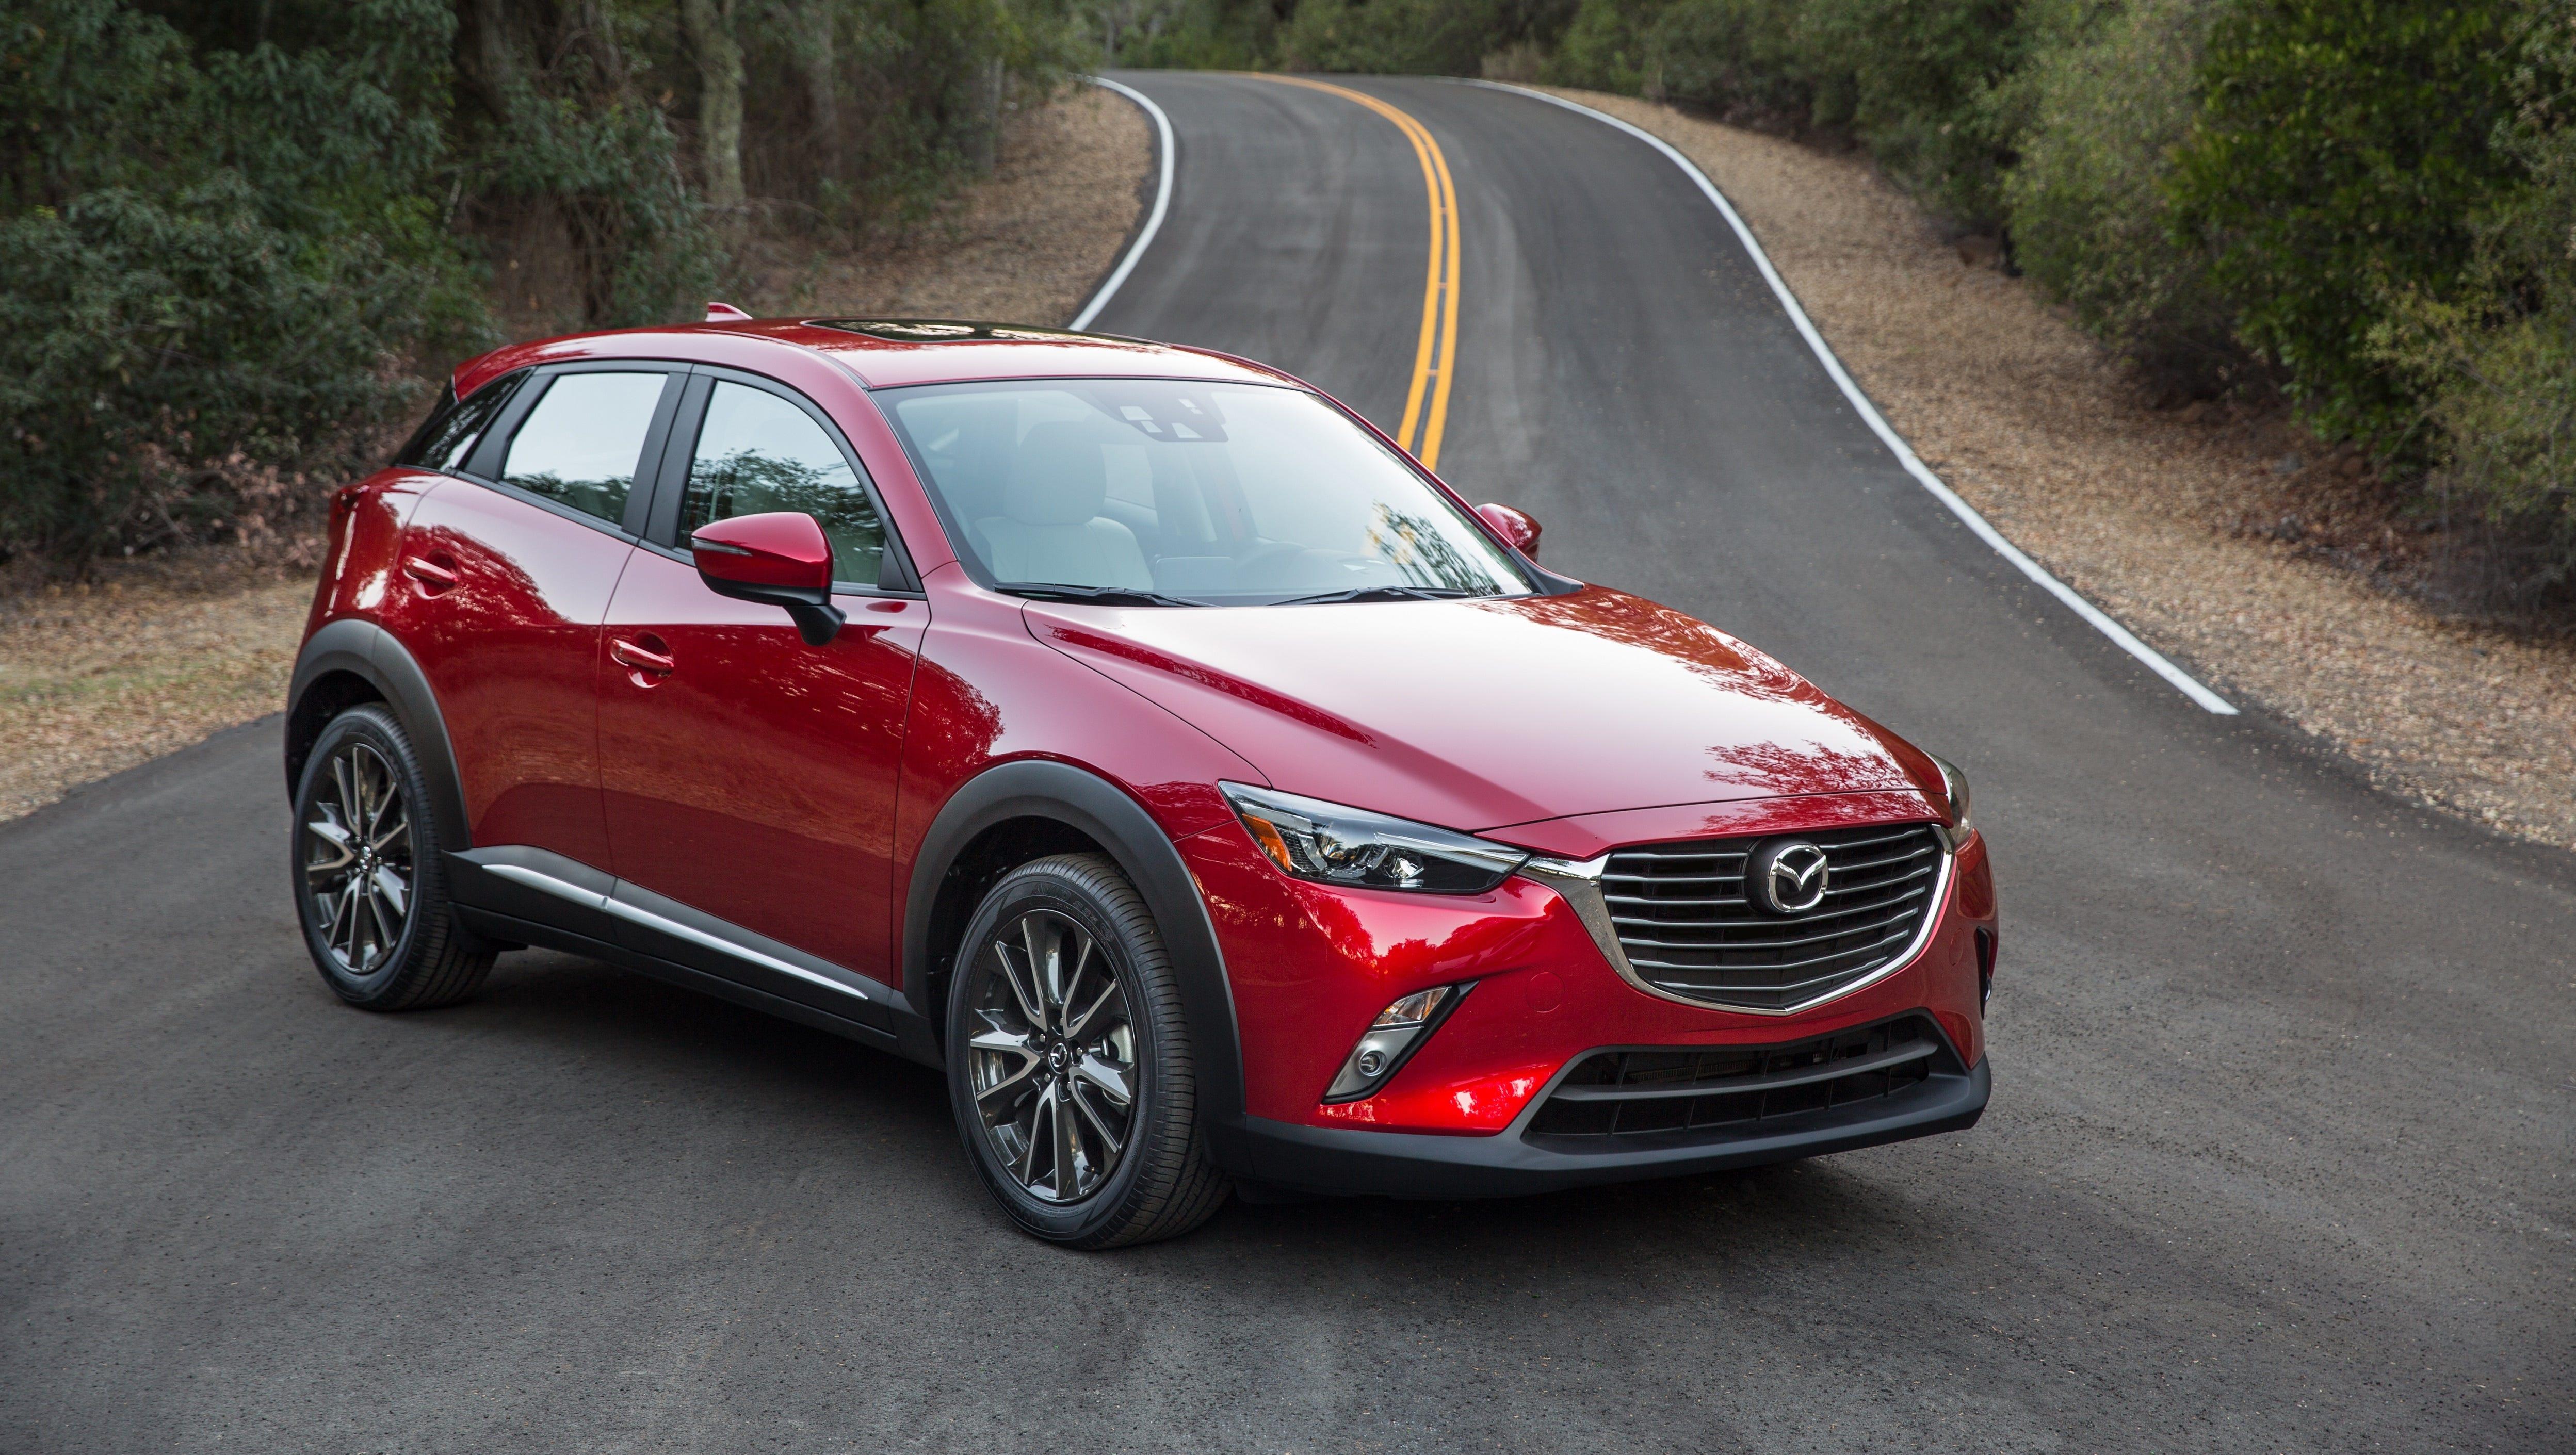 Kelebihan Kekurangan Mazda Cx 3 2015 Spesifikasi